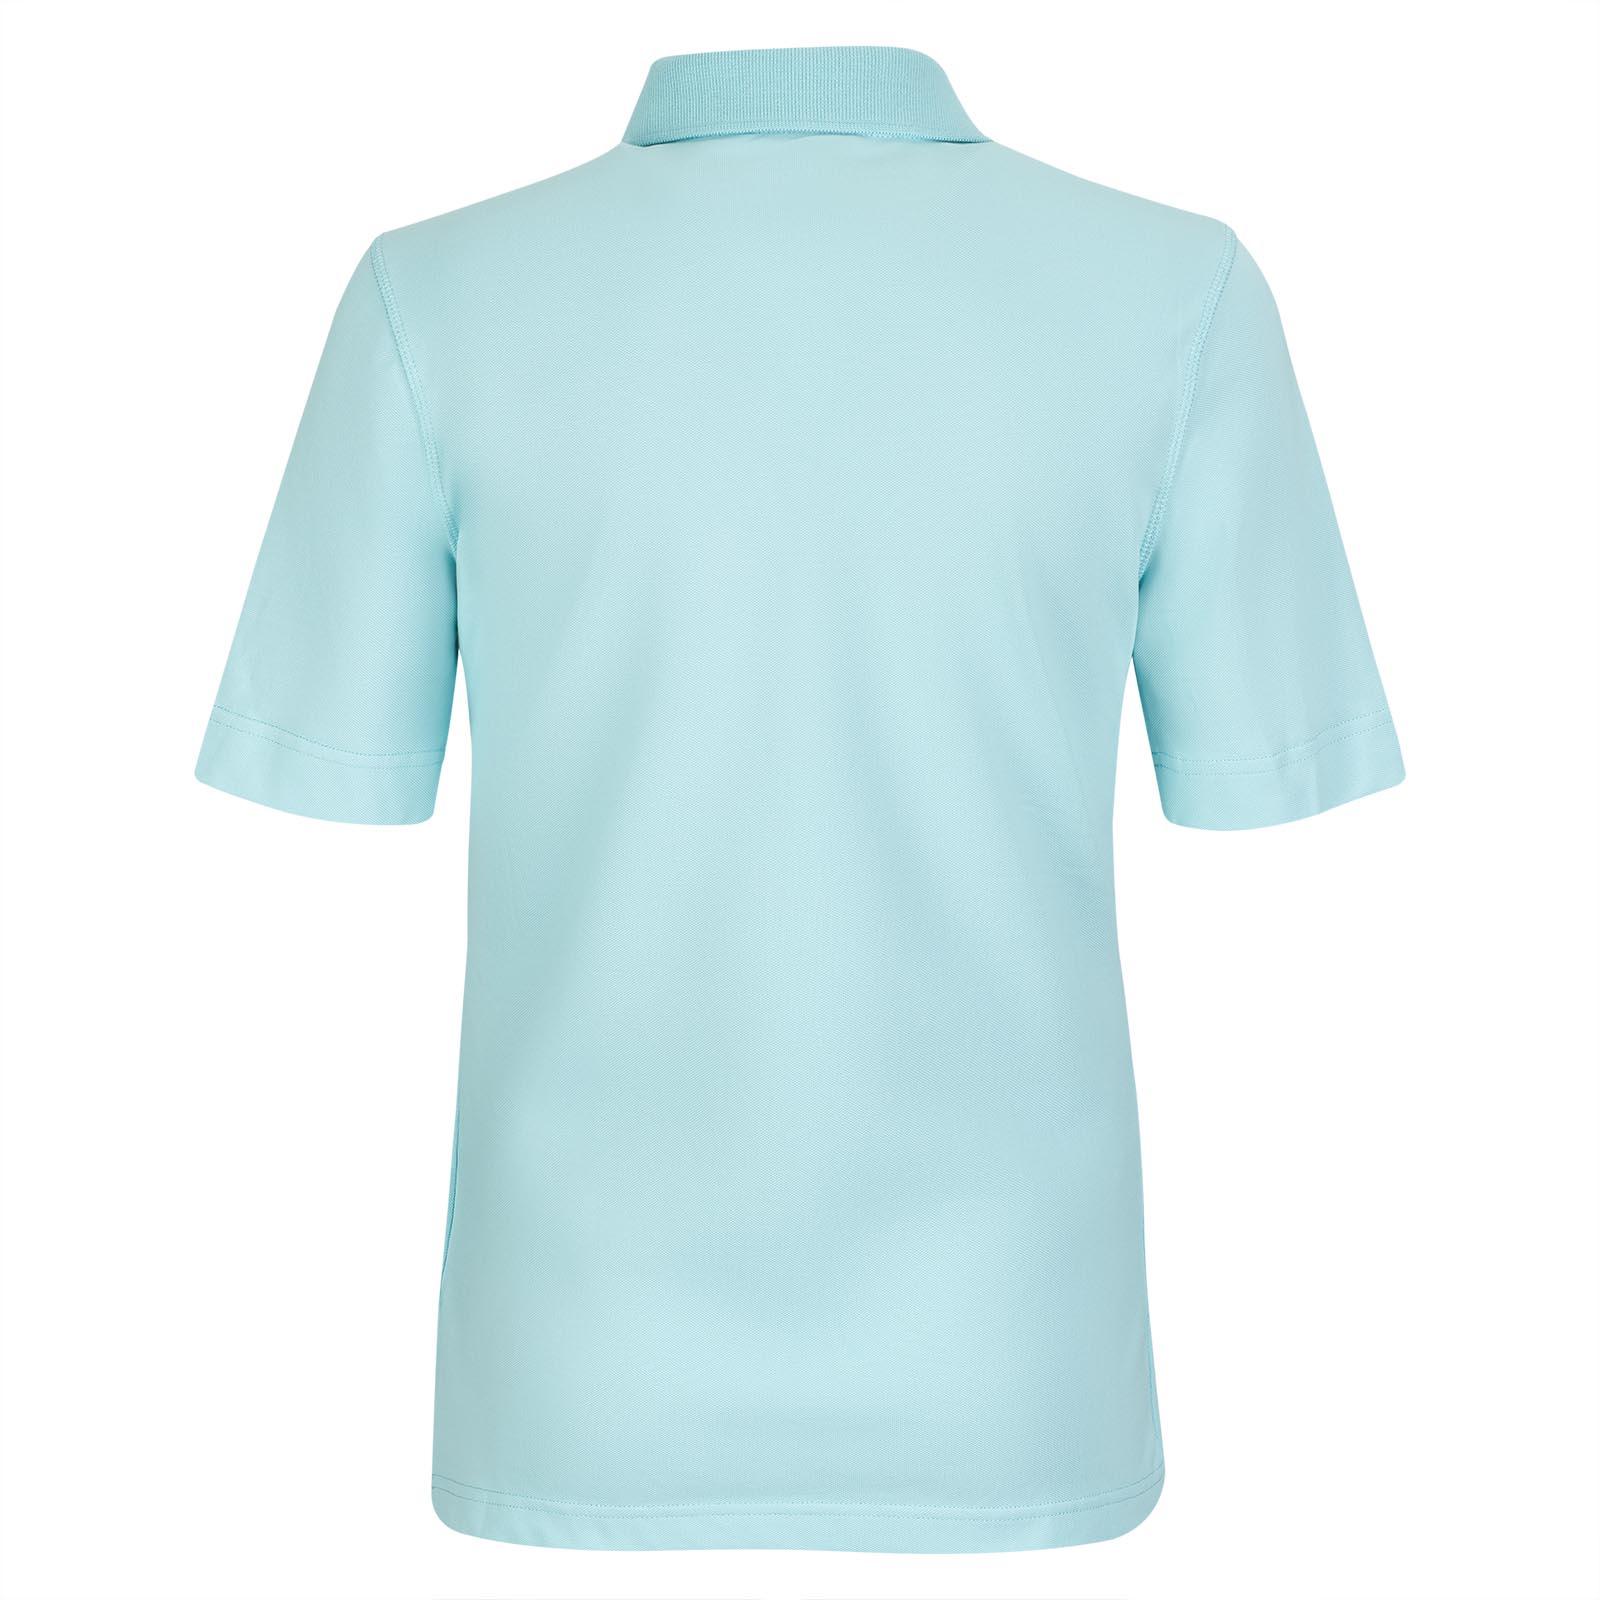 Damen Kurzarm-Funktions-Poloshirt